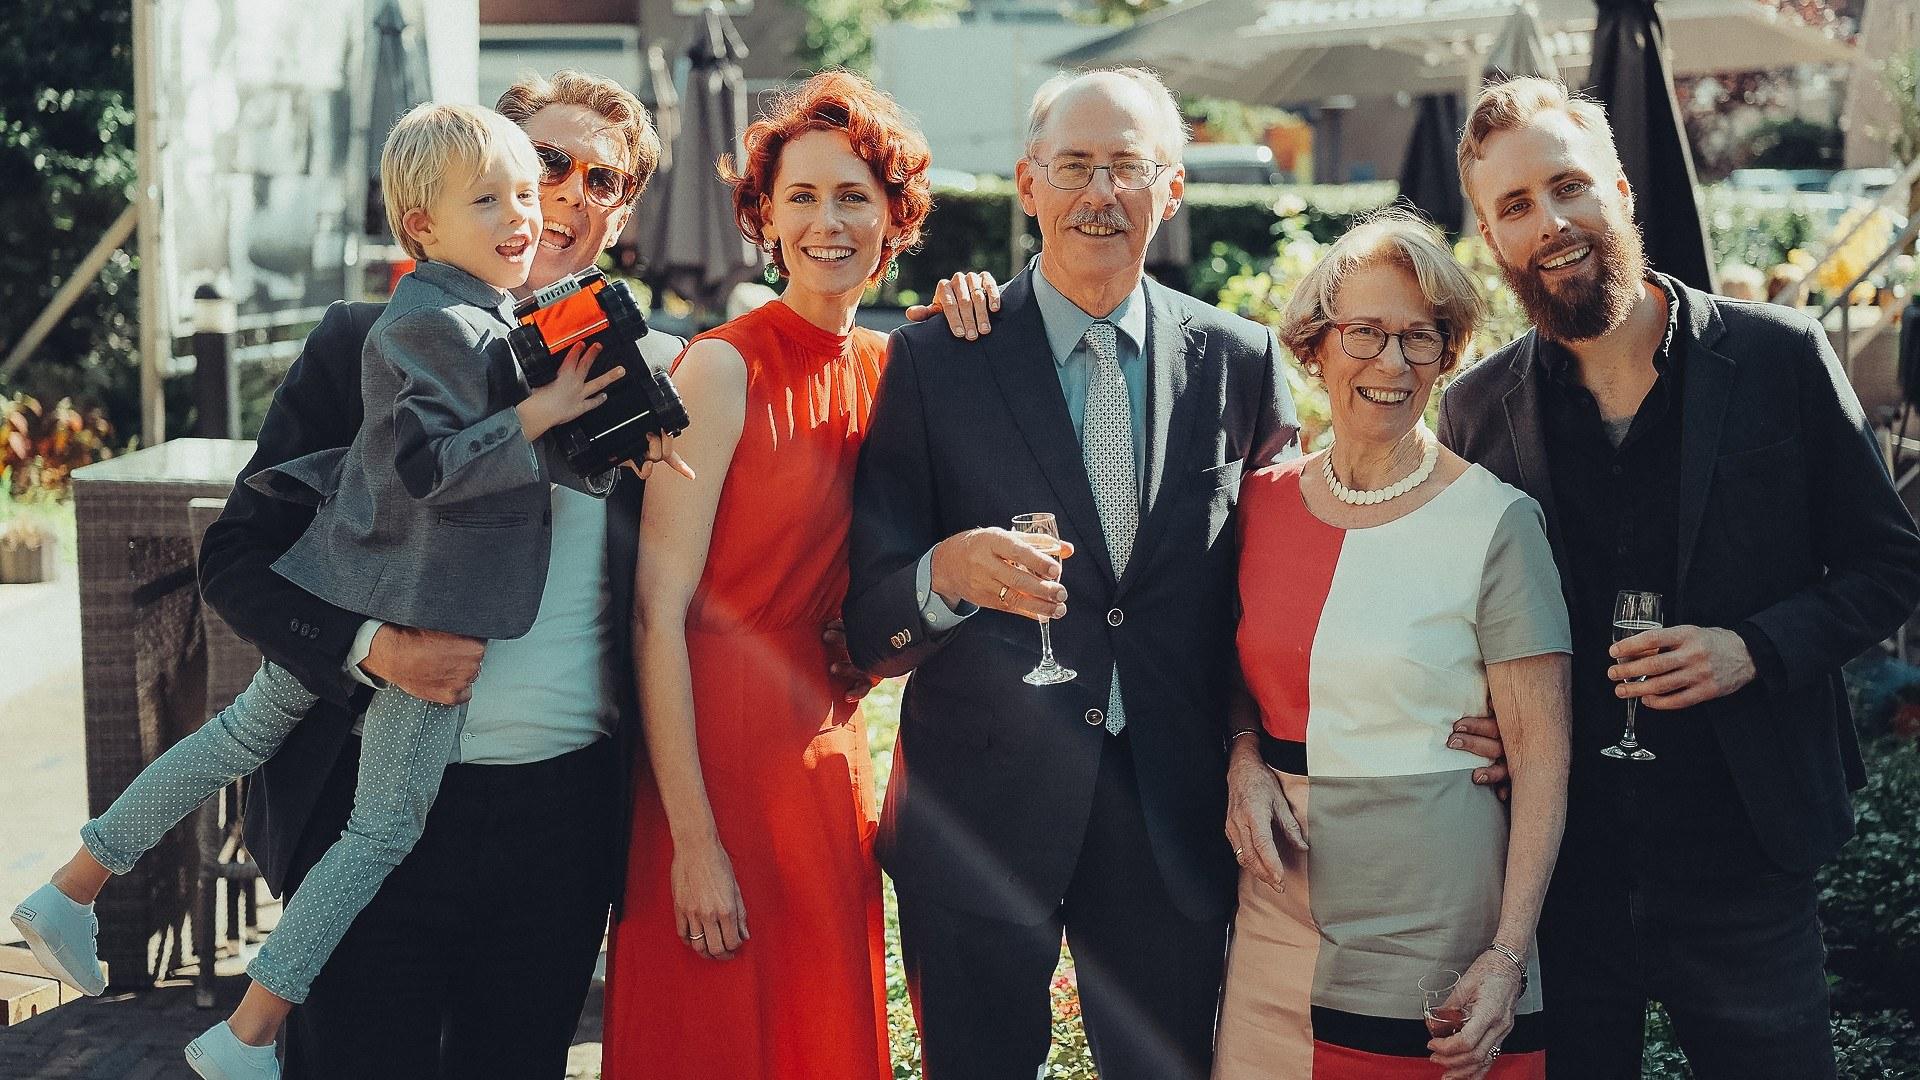 Familie fotograaf in Amsterdam